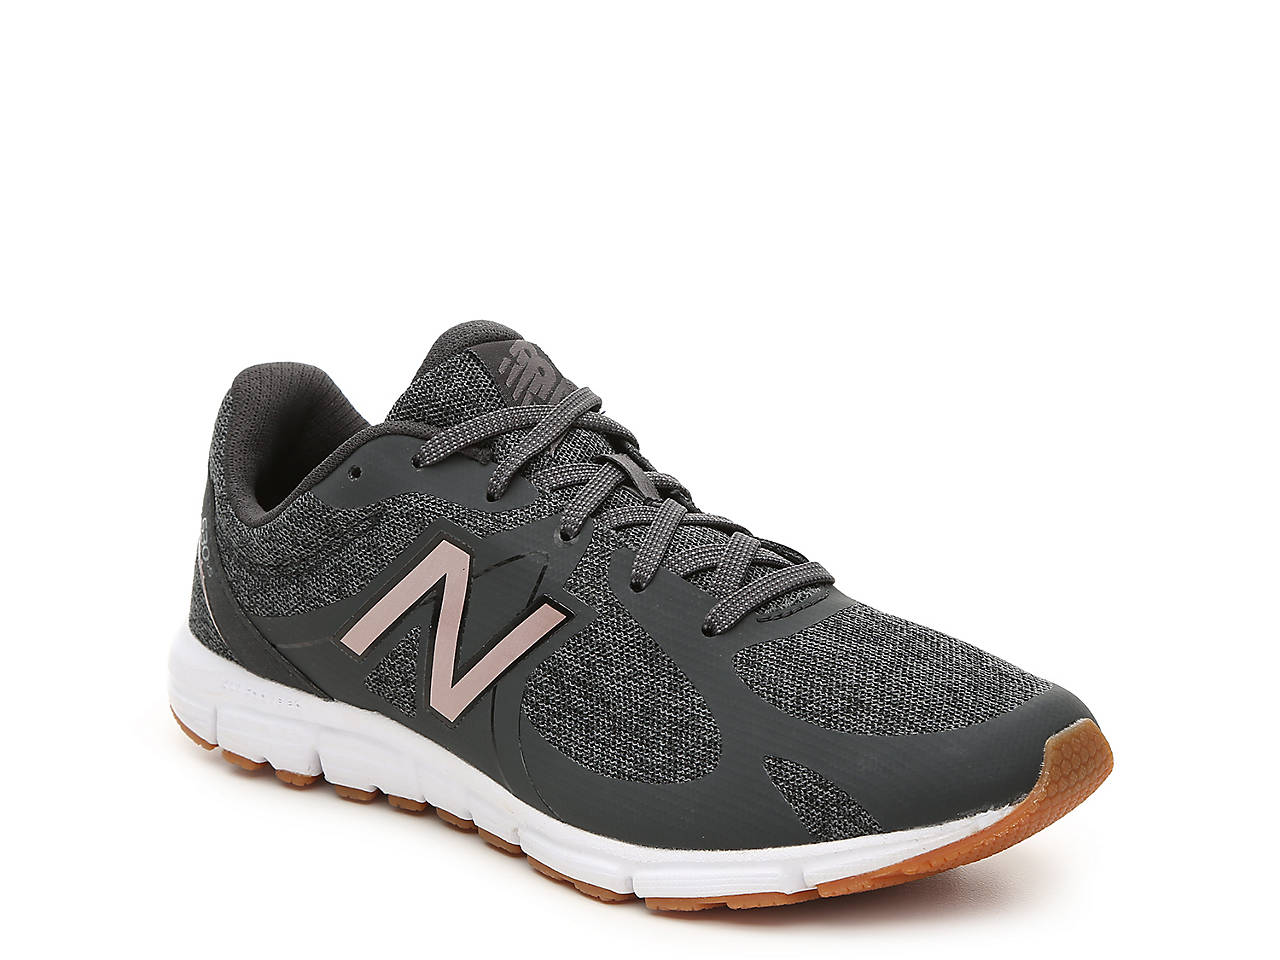 ebabd41f54a2a New Balance 630 V5 Lightweight Running Shoe - Women's Women's Shoes ...